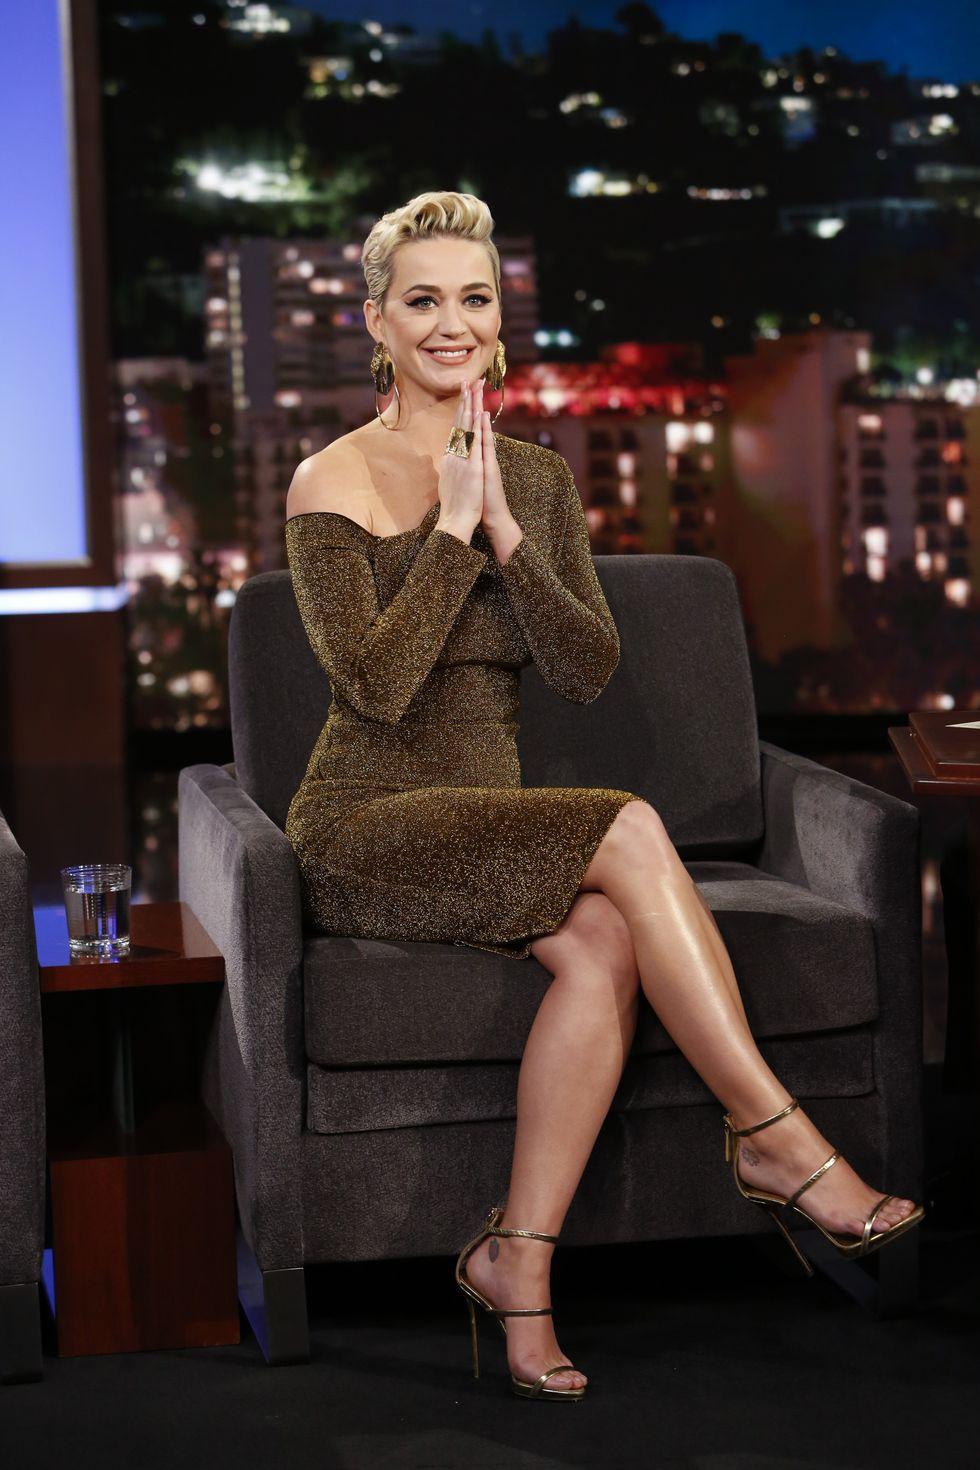 Phối đồ dự tiệc cung bọ cạp - Katy Perry mặc váy ánh kim vàng